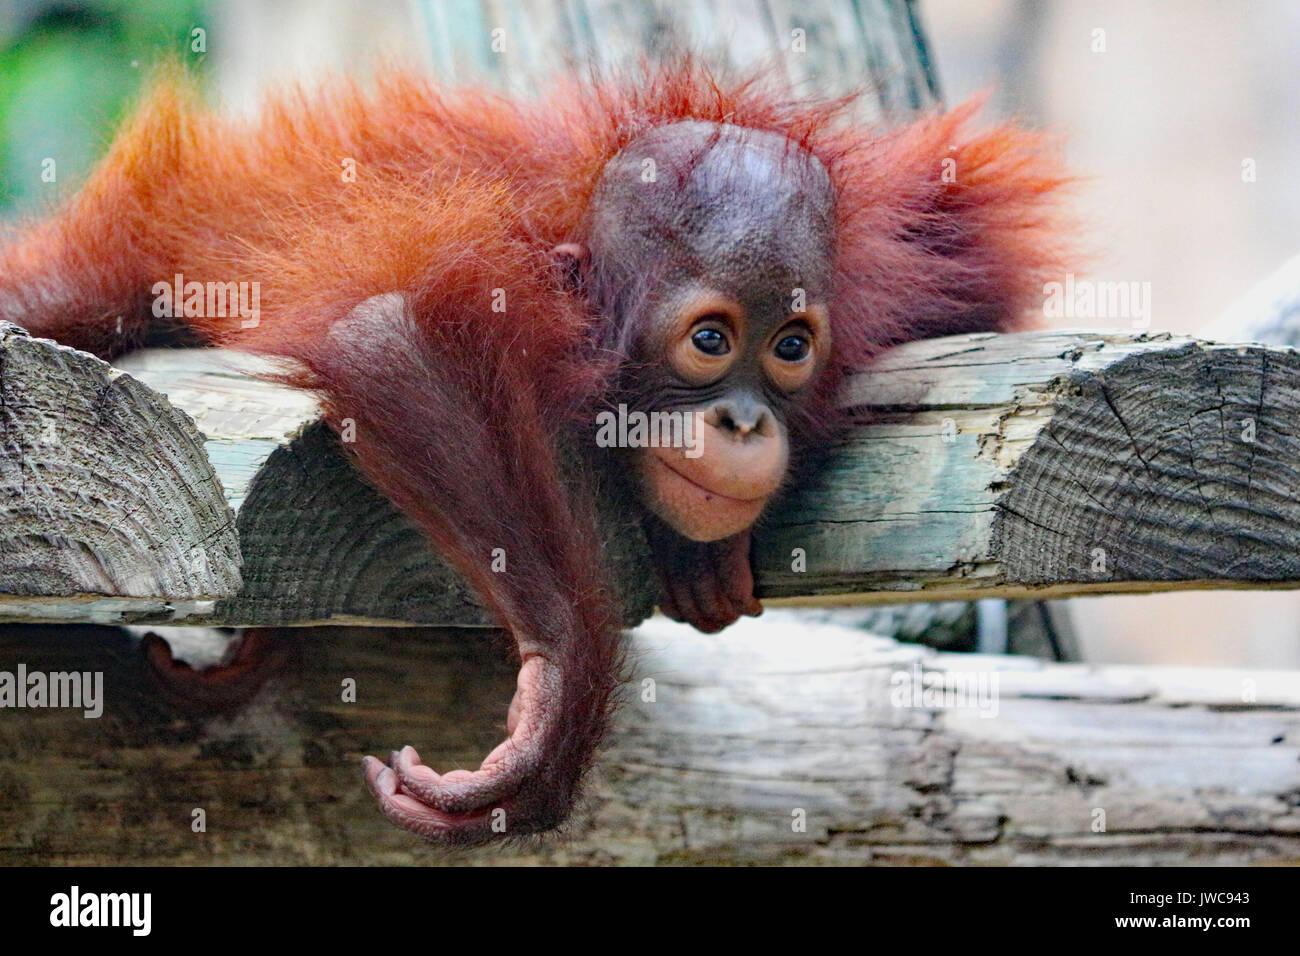 Un bébé orang-outan de jouer sur une plate-forme de primates. Photo Stock